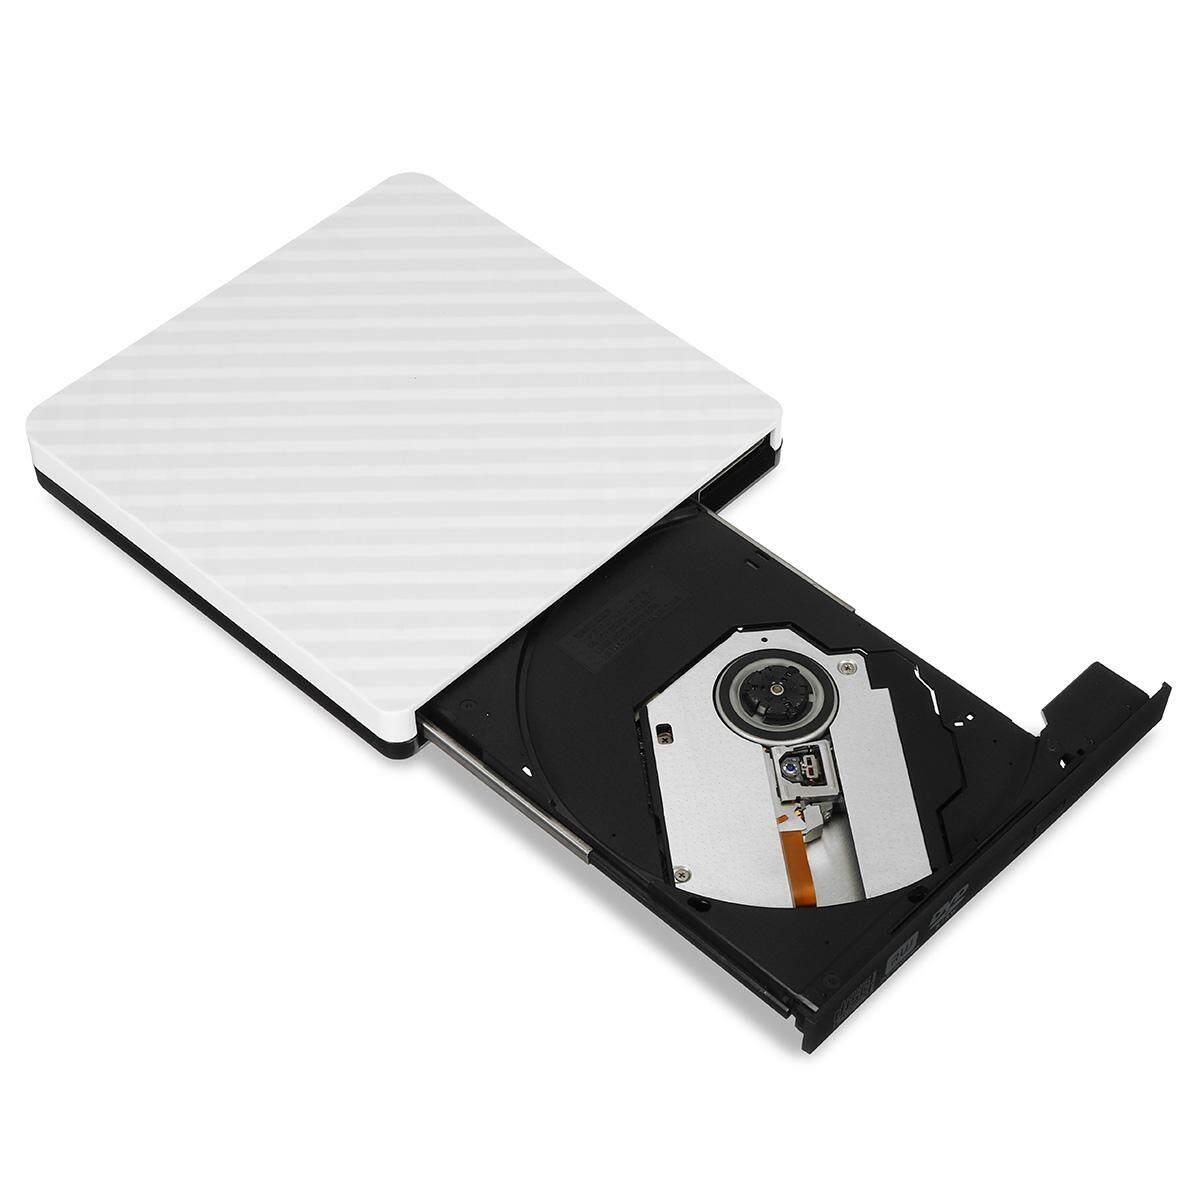 USB 3.0 Bên Ngoài DVD RW CD Rw DVD±RW Ổ ĐĨA DVD Đốt DVD Rewriter Máy Photocopy-quốc tế Đang Bán Tại Audew